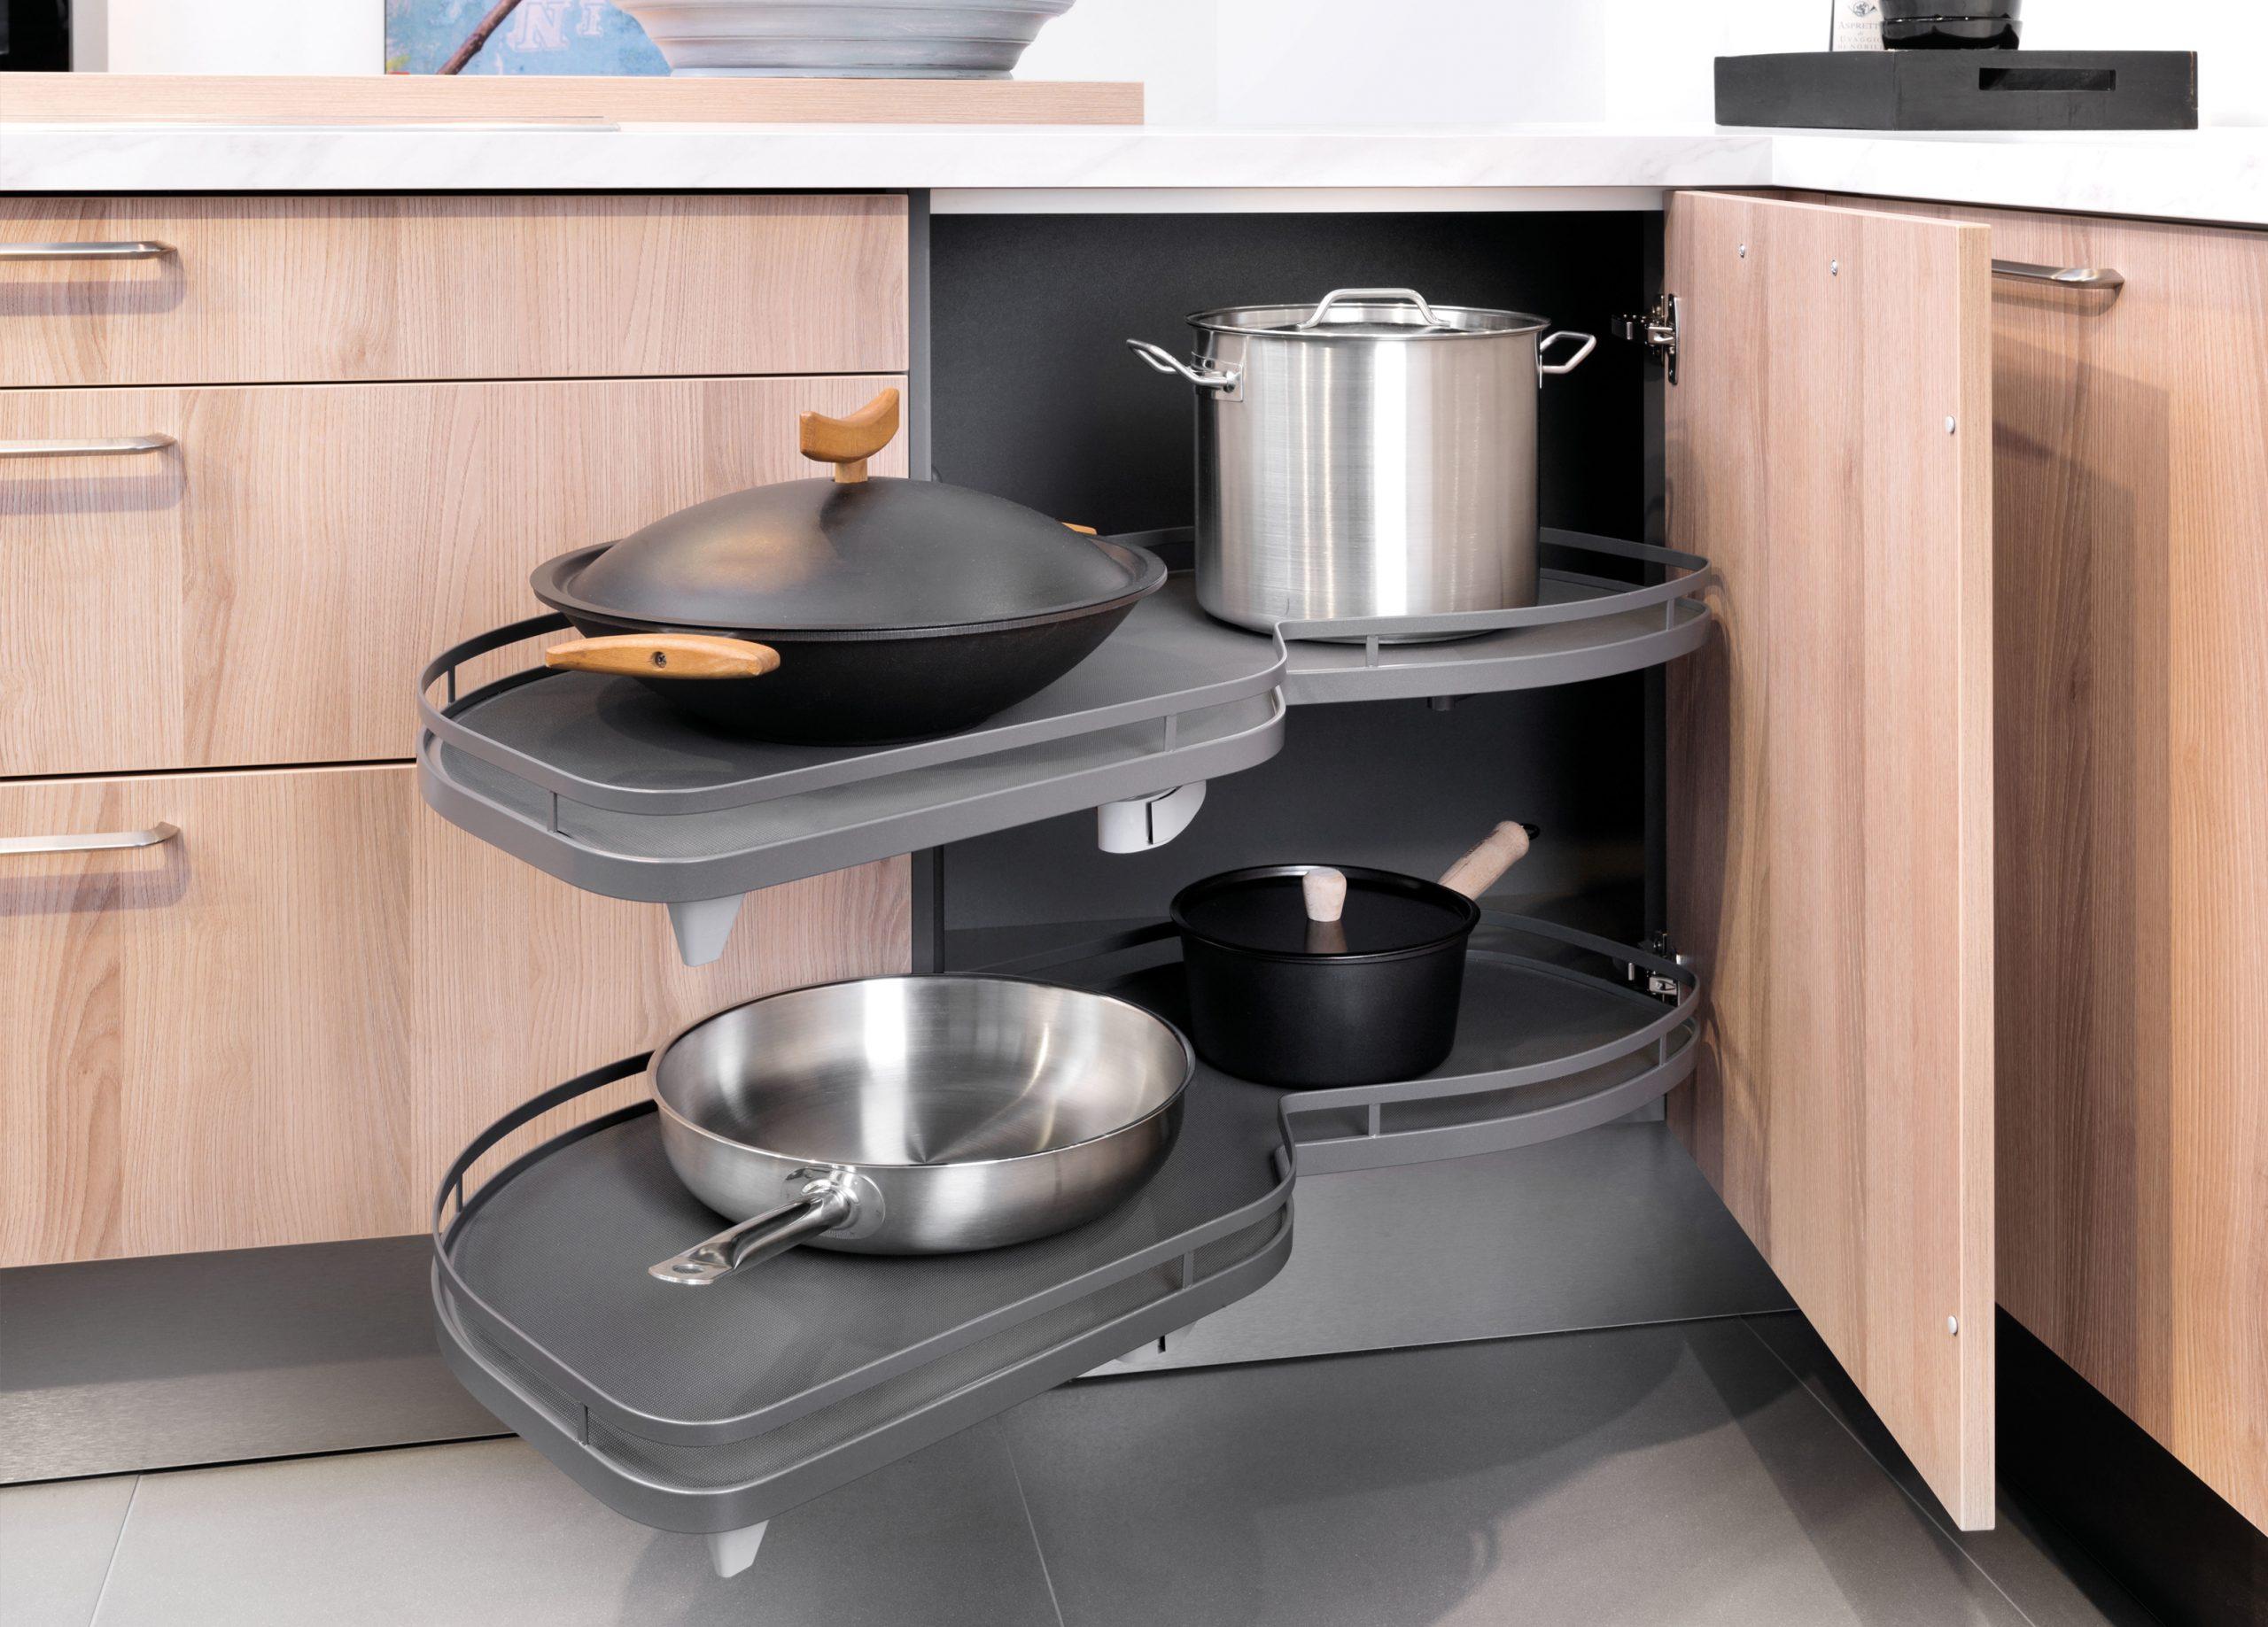 Full Size of Einlegeboden Küchenschrank Einlegeböden Metod Küche Nolte Einlegeböden Küche Einlegeböden Küche Ikea Küche Einlegeböden Küche